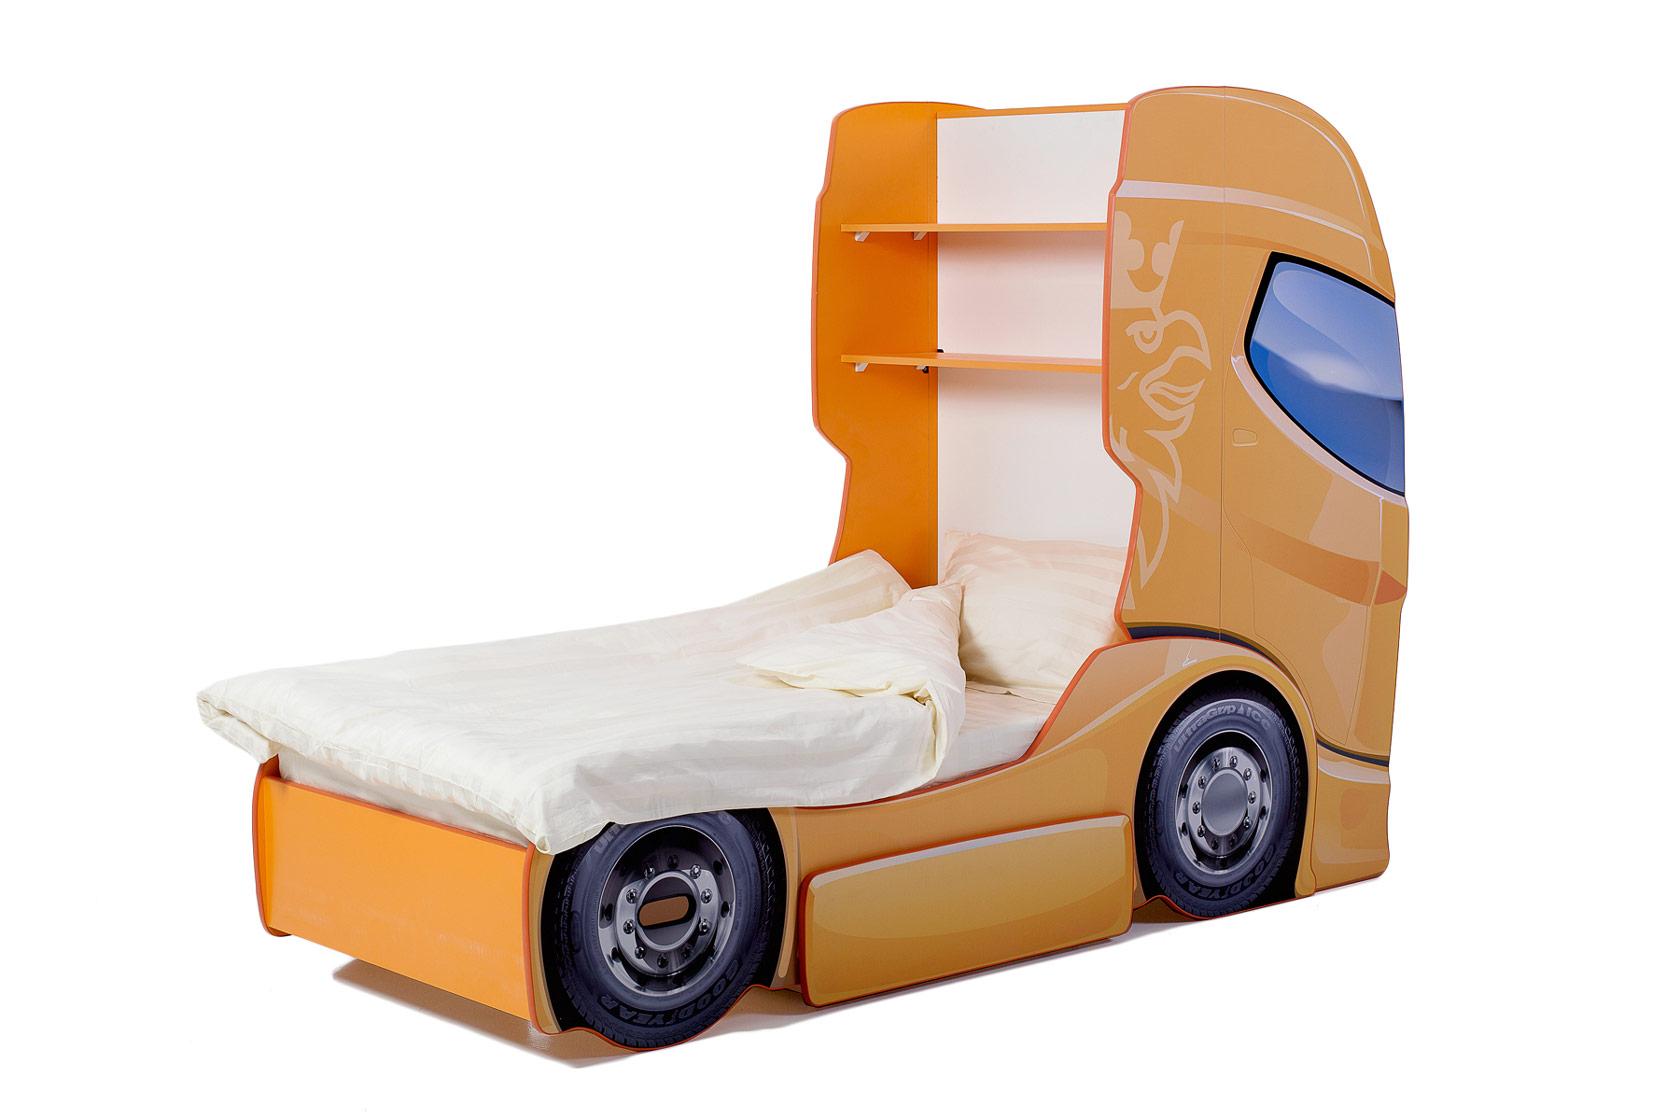 молодой когда фото кровати в форме машины такой красоты